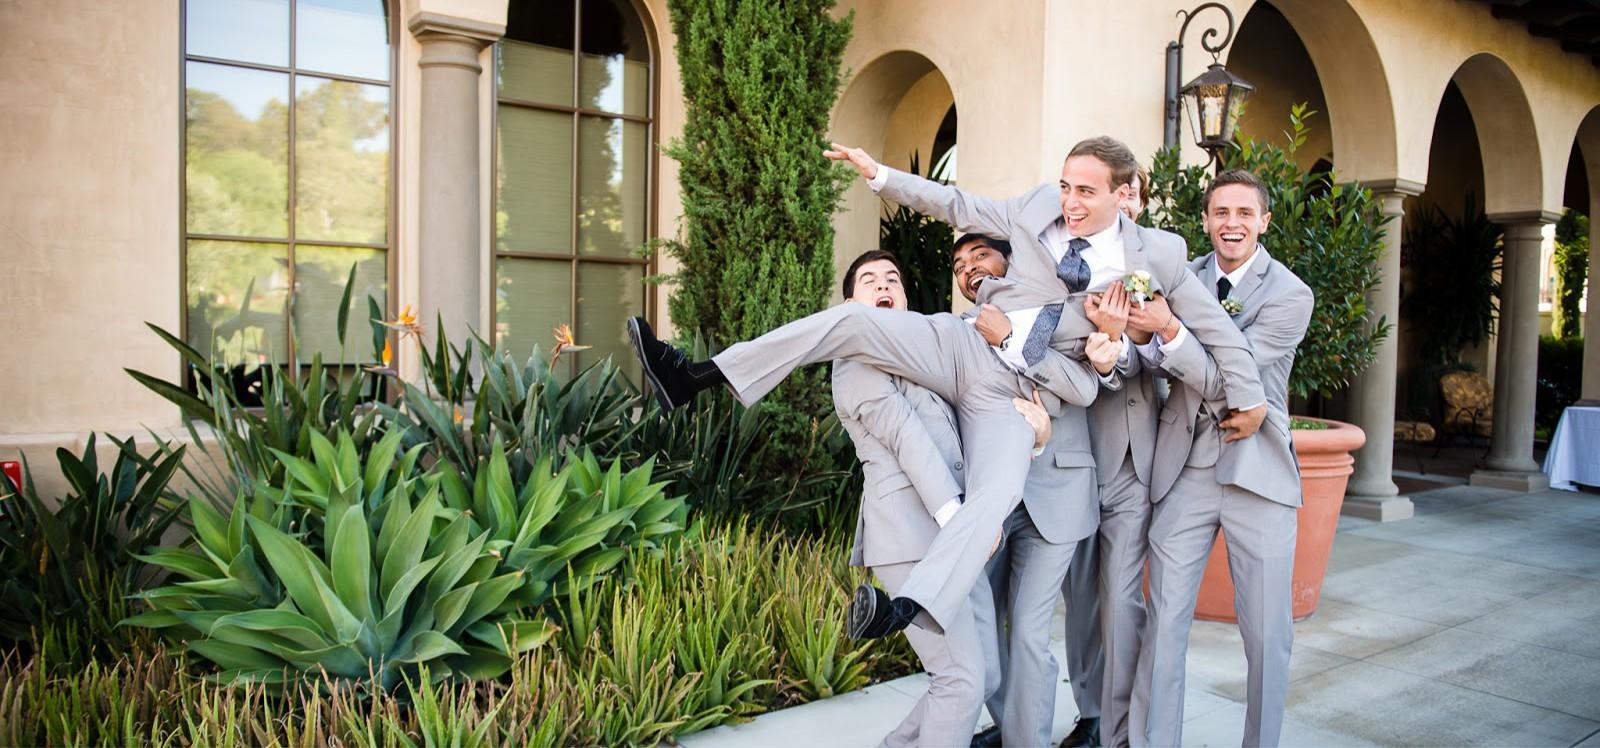 واجبات العريس قبل حفل الزفاف